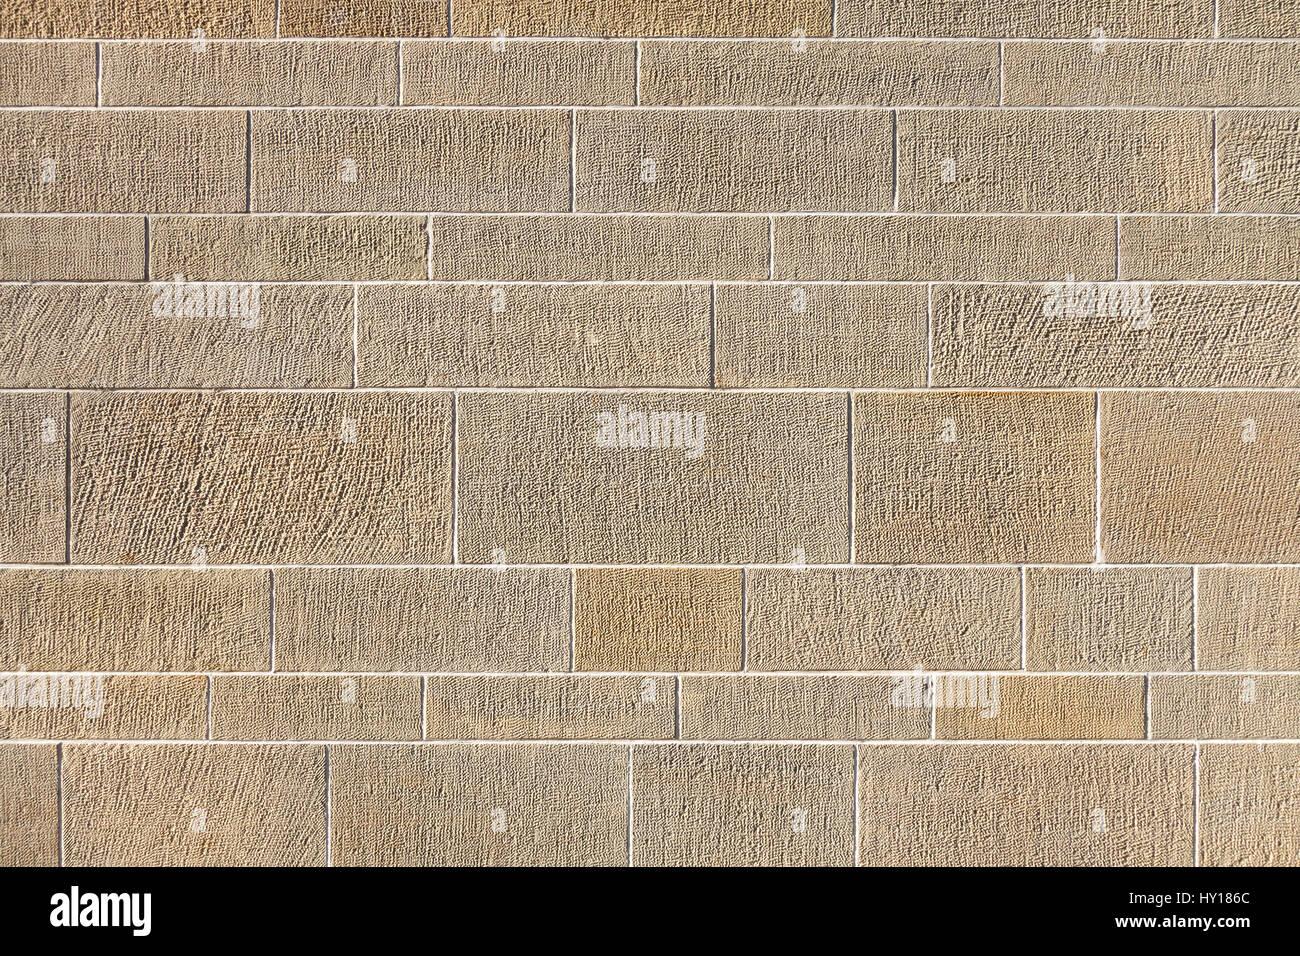 Patrón de una pared exterior en formato horizontal Imagen De Stock